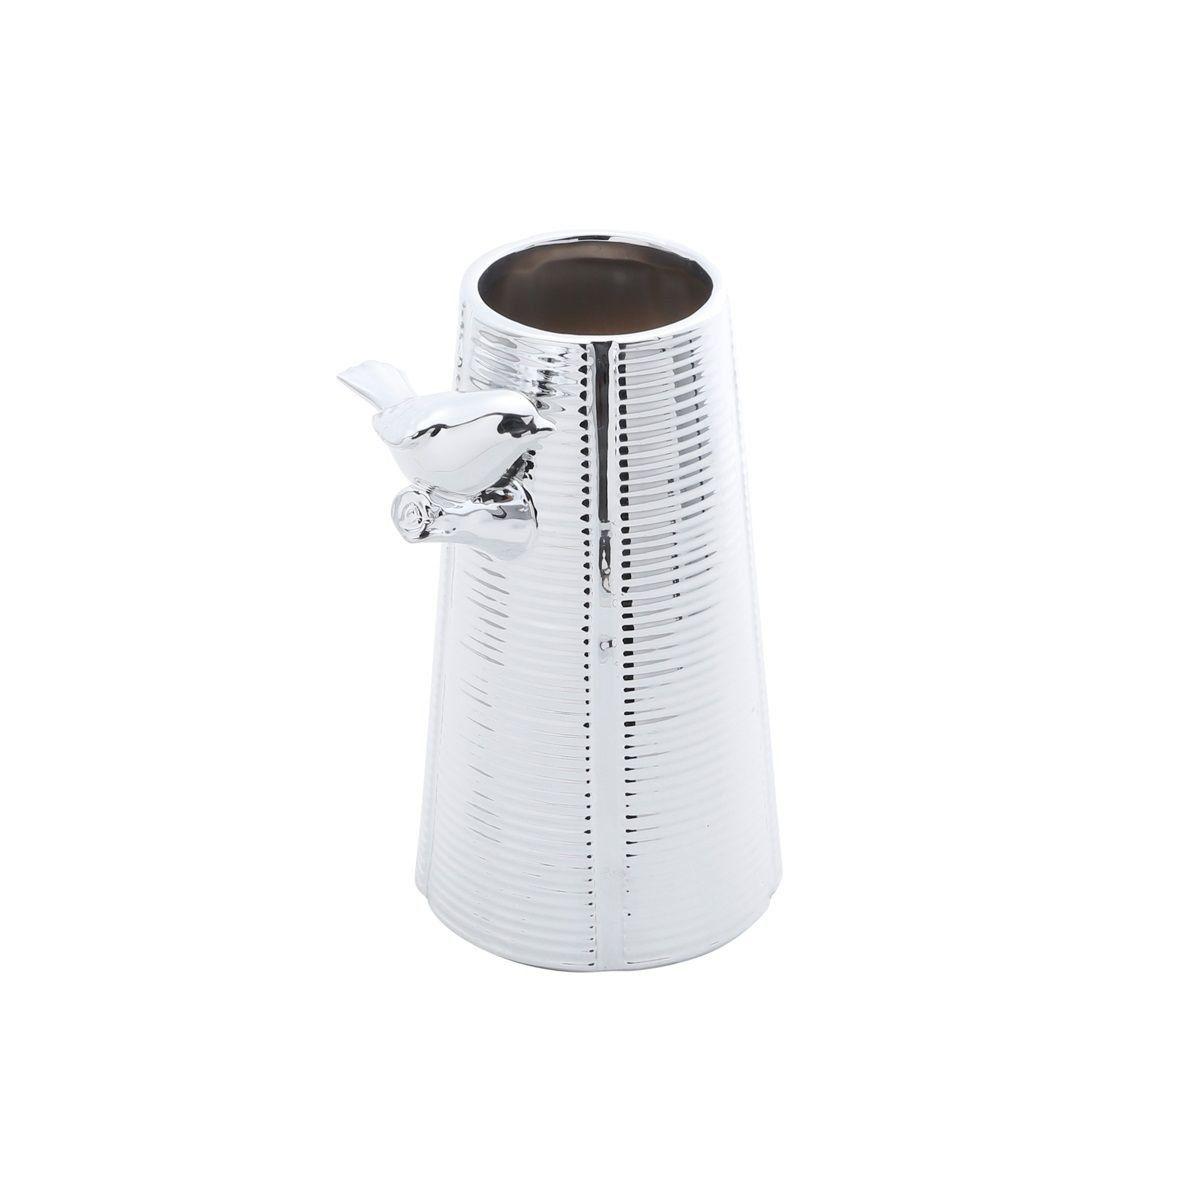 Vaso decorativo solitário 14,5 cm de cerâmica prateado Bird Prestige - 25672